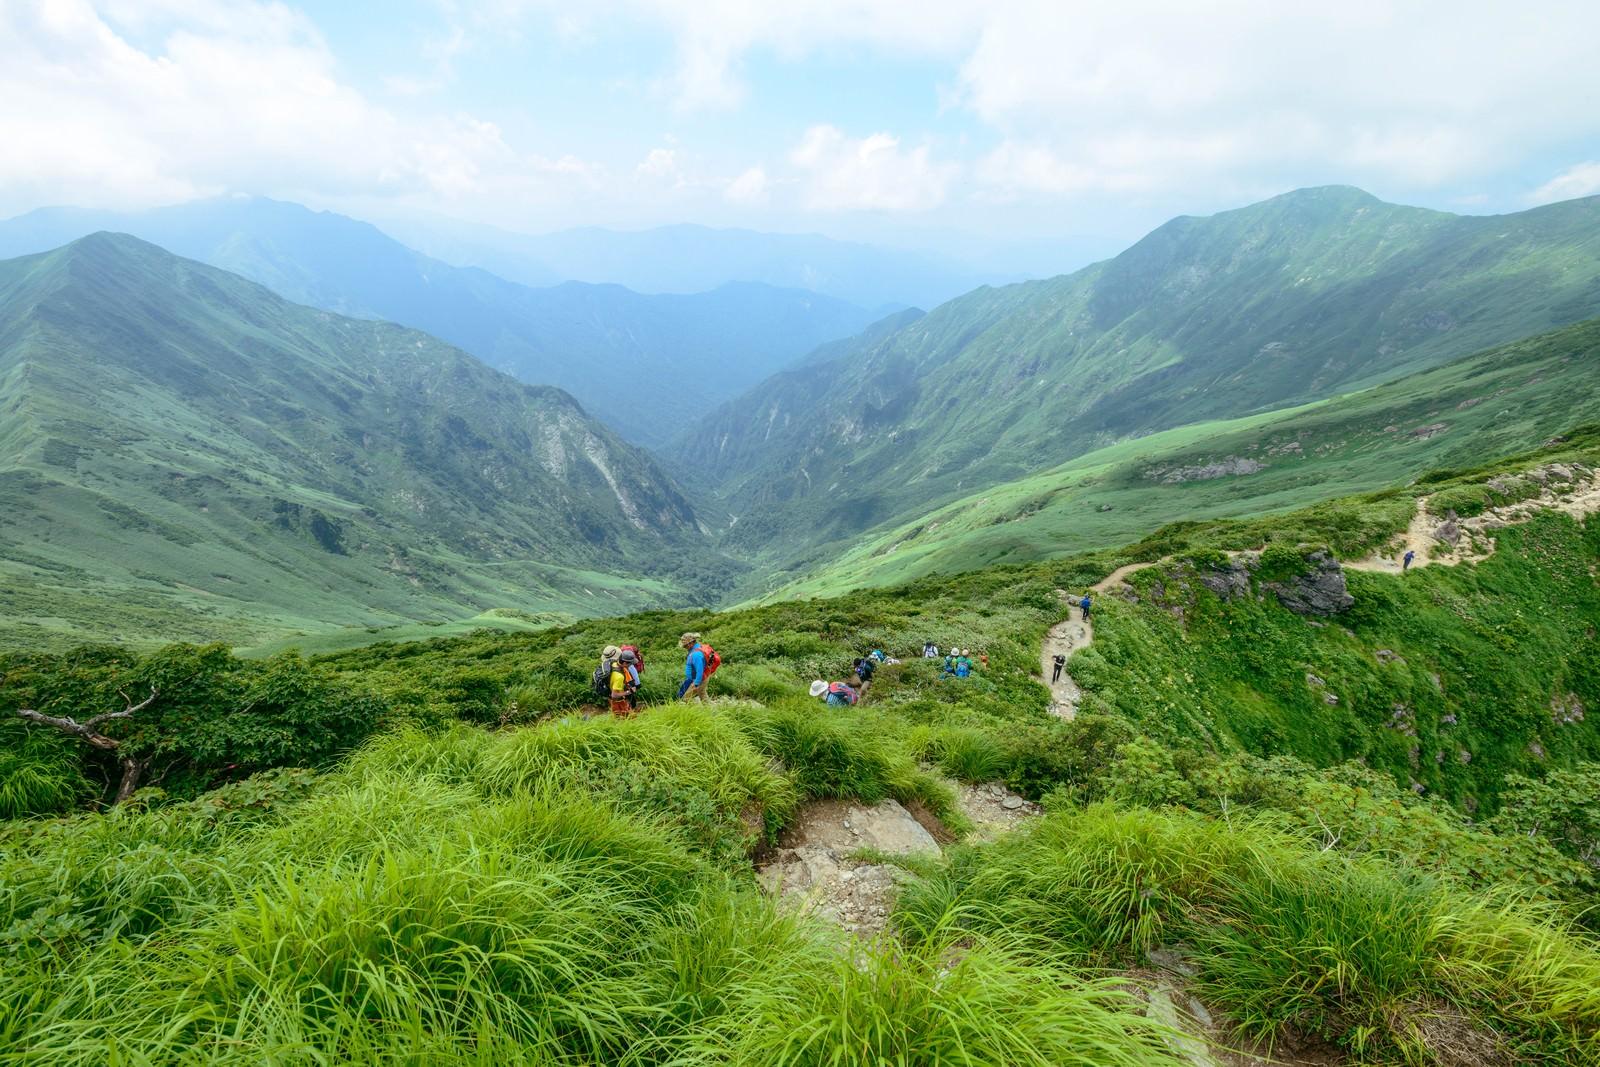 「谷川連峰オキの耳へ続く登山道 | 写真の無料素材・フリー素材 - ぱくたそ」の写真